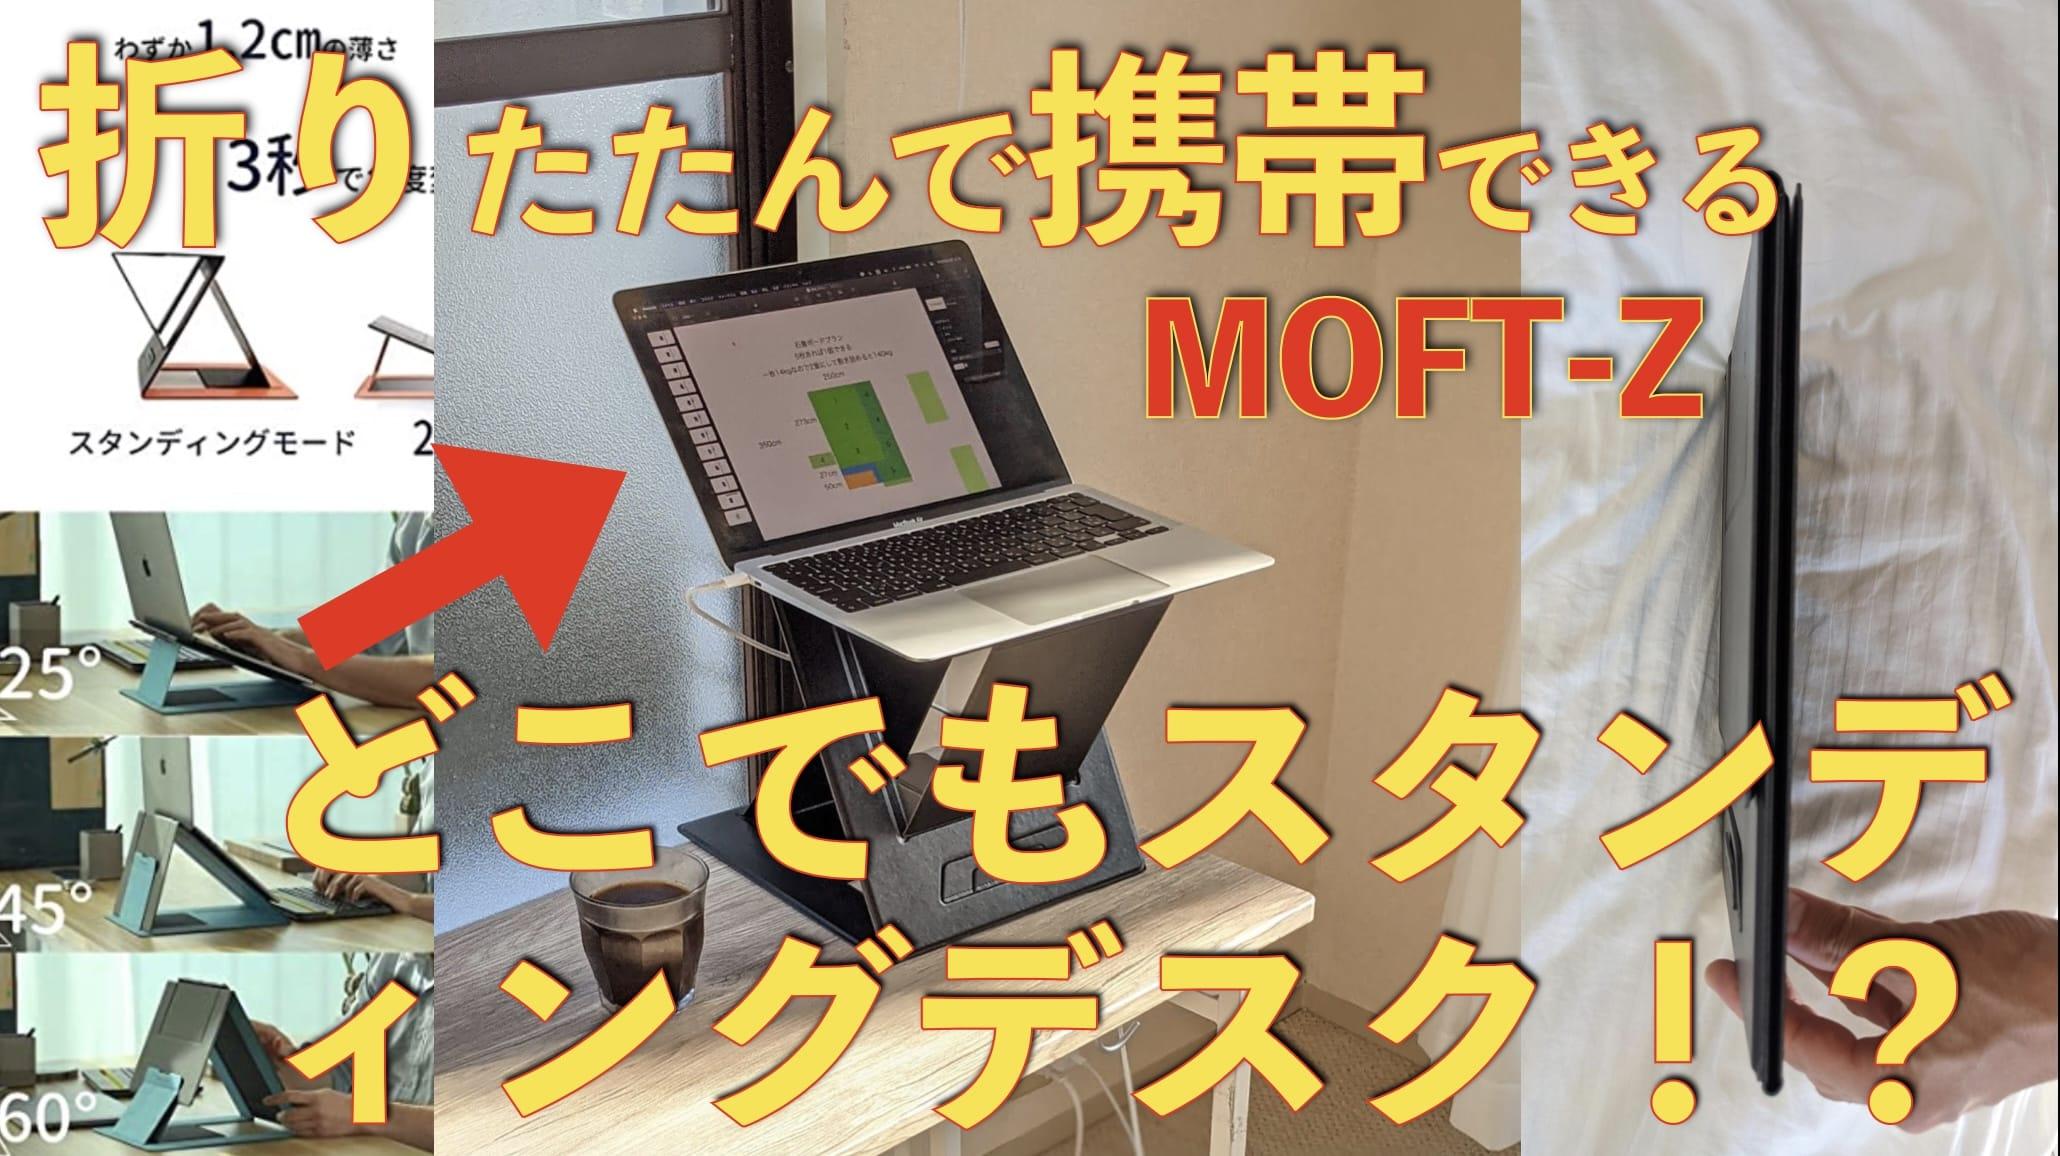 バッグに入れて持ち運べるスタンディングデスク!MOFT Zが便利すぎておすすめ!サムネイル画像